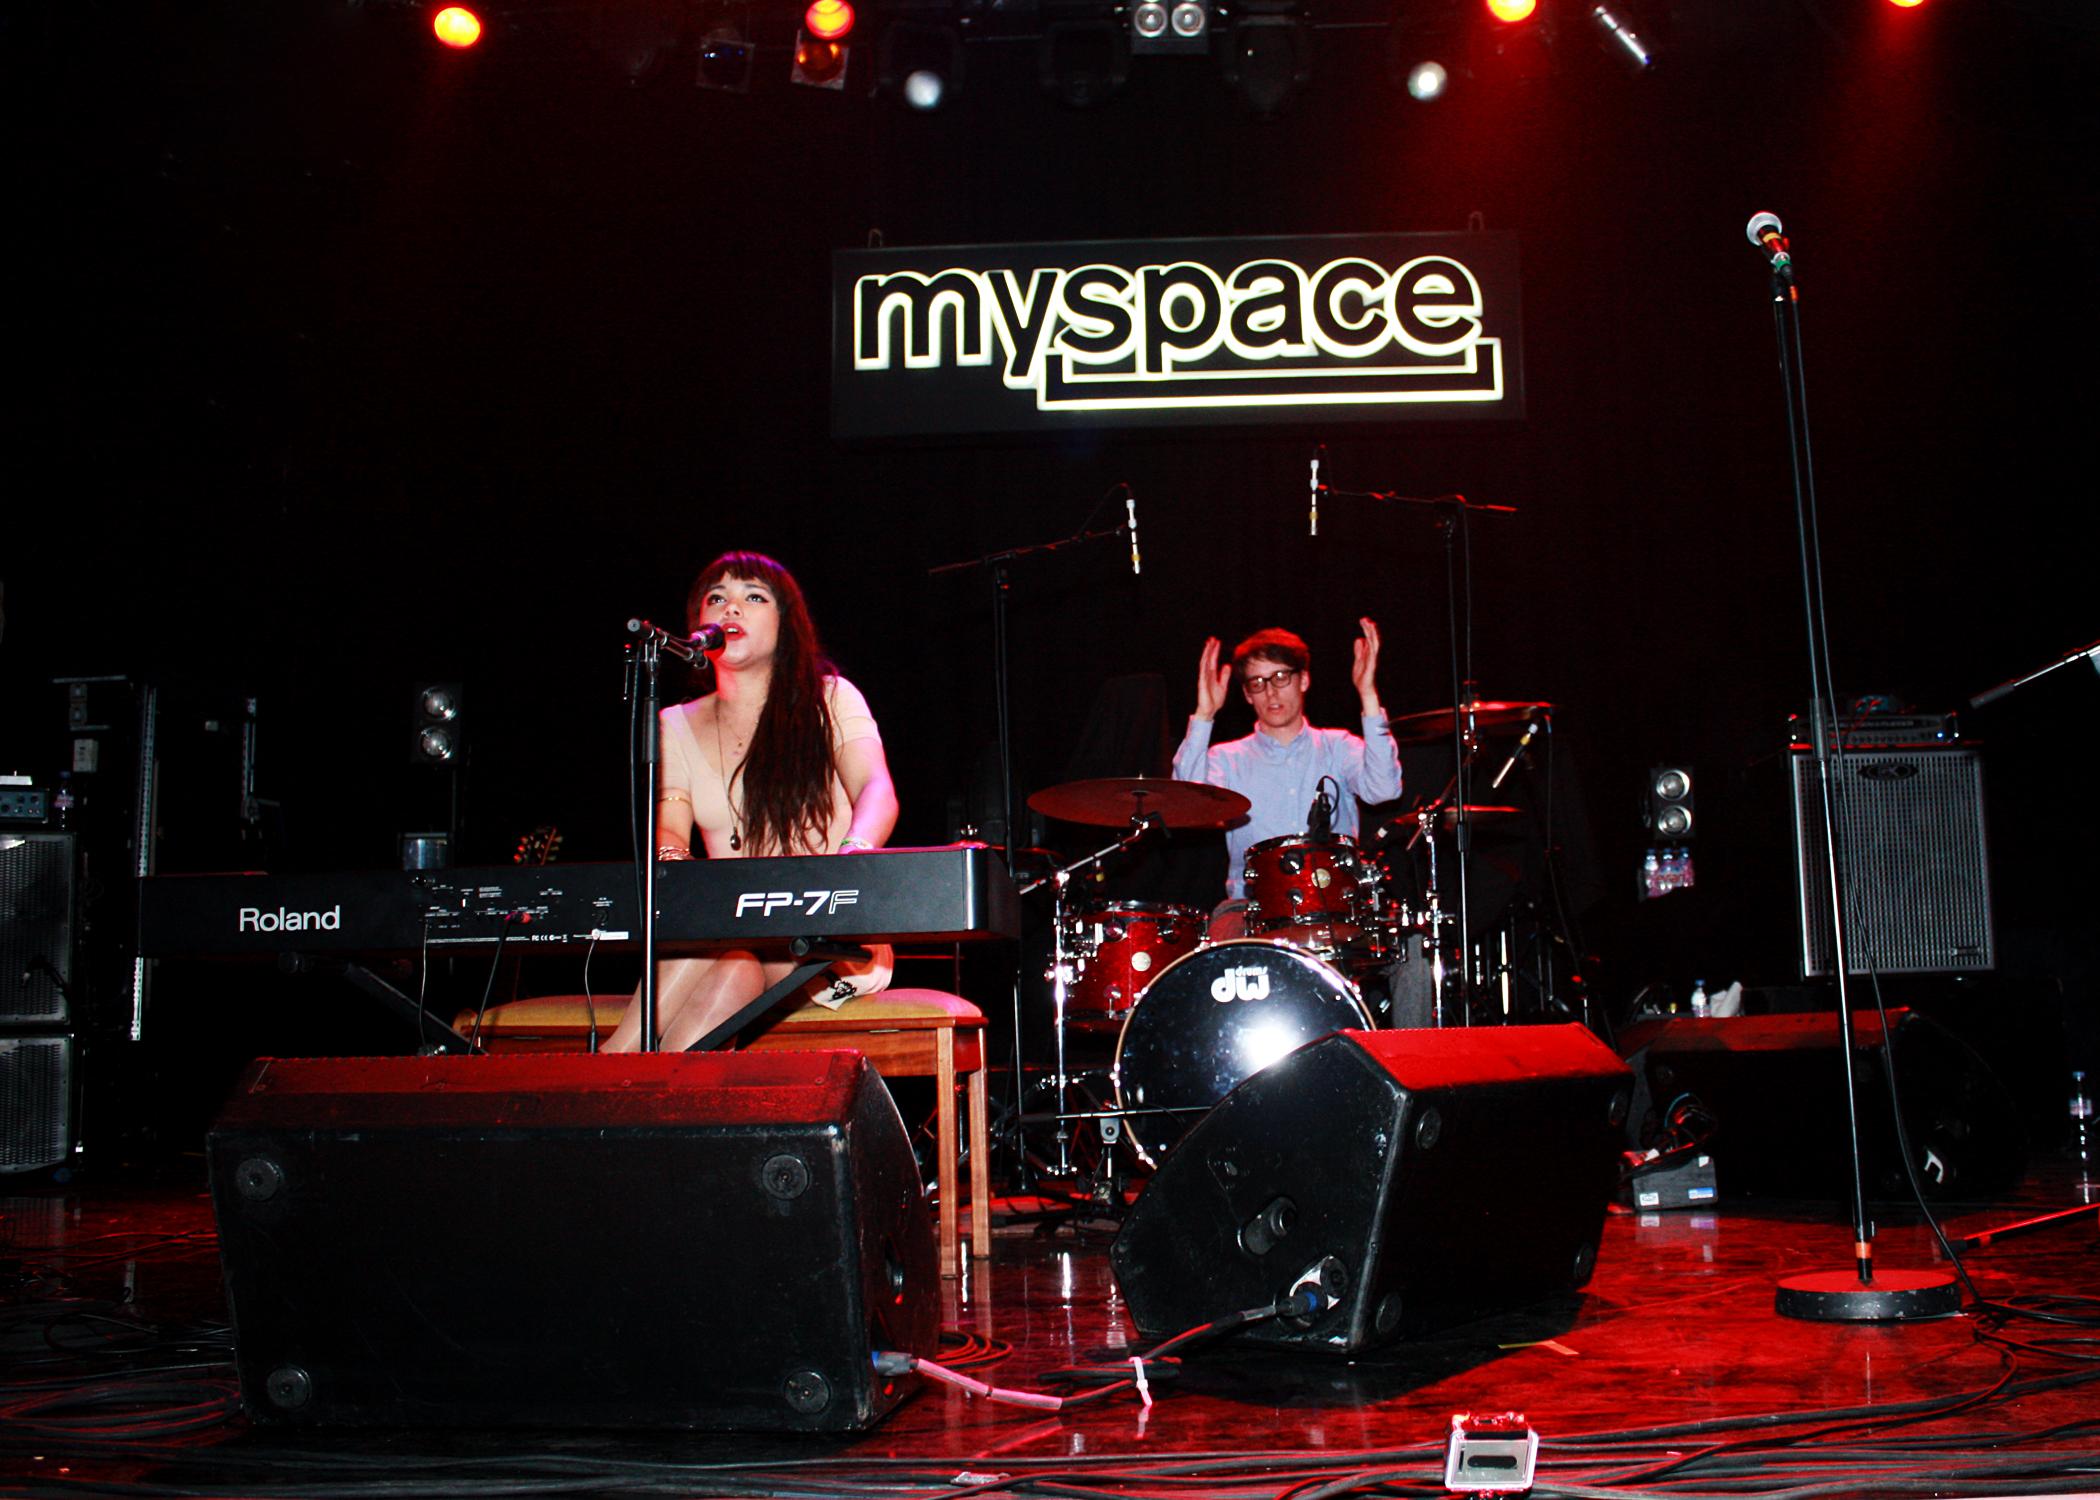 Myspace_Event_15.03.12_Layla Smethurst 65